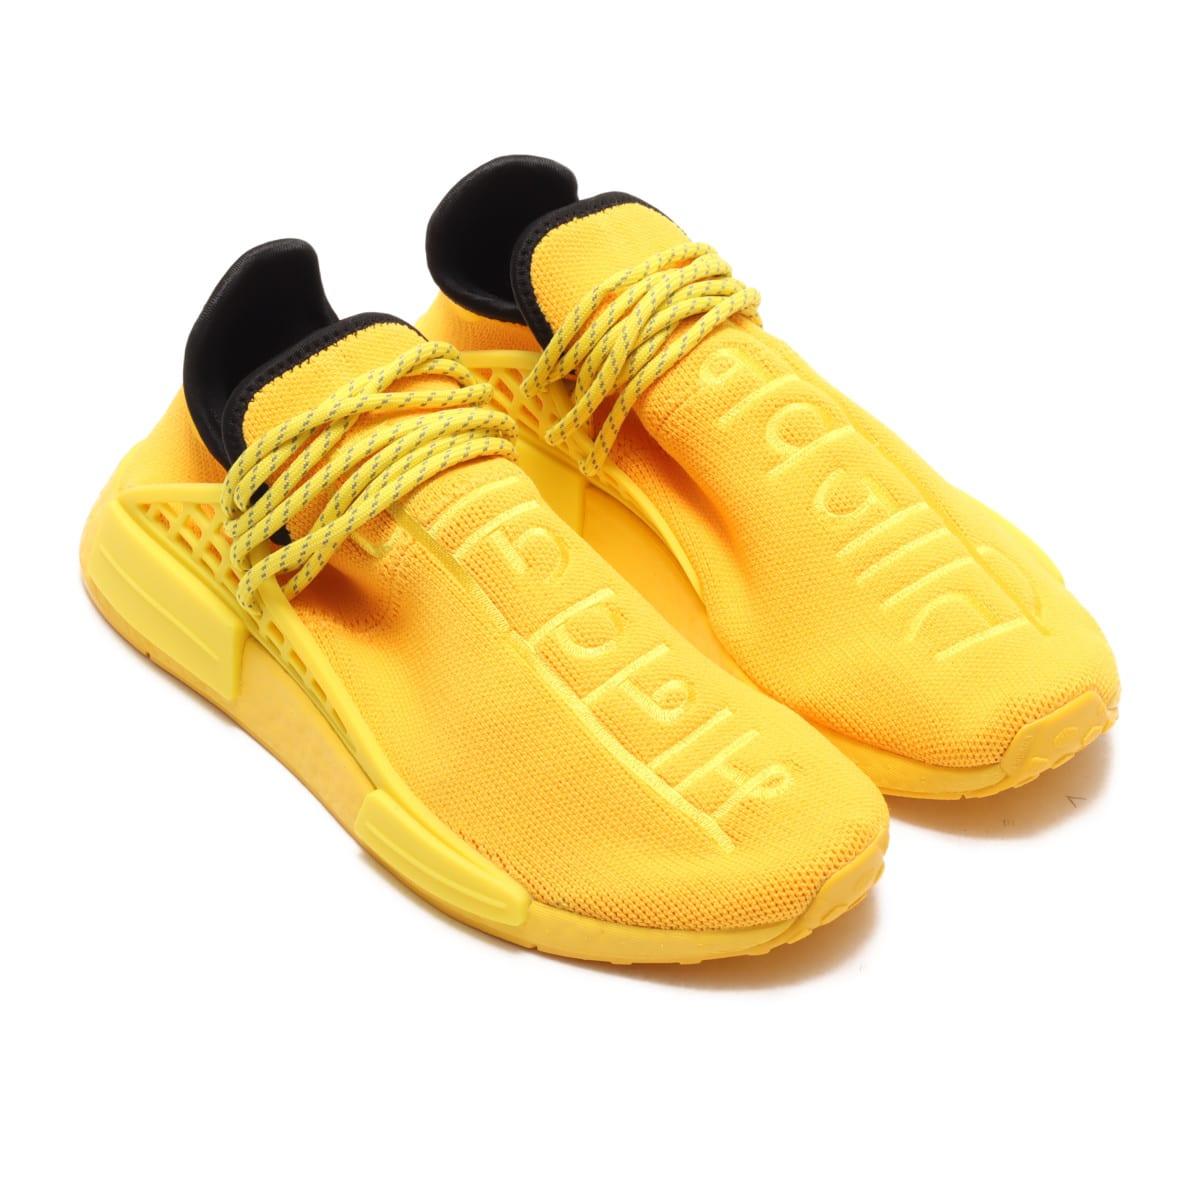 adidas HU NMD BOLD GOLD/YELLOW/CORE BLACK 20FW-S_photo_large